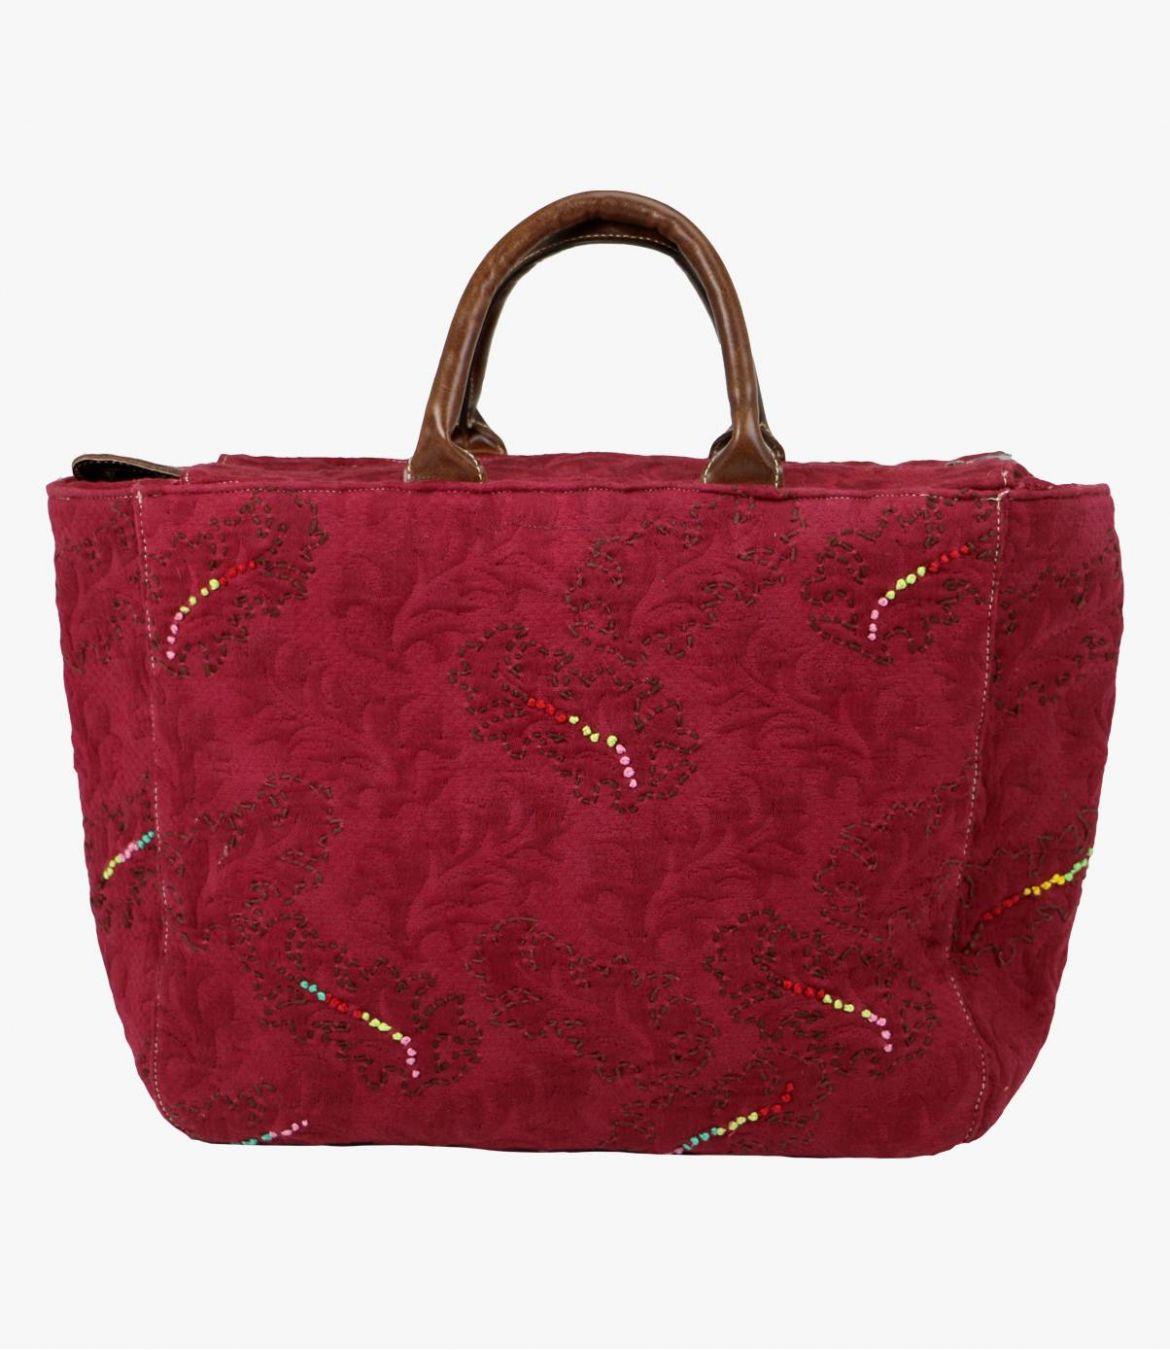 CITY - GAMME CITY Cotton Bag, Women's Leather 38x32x15cm Storiatipic - 7